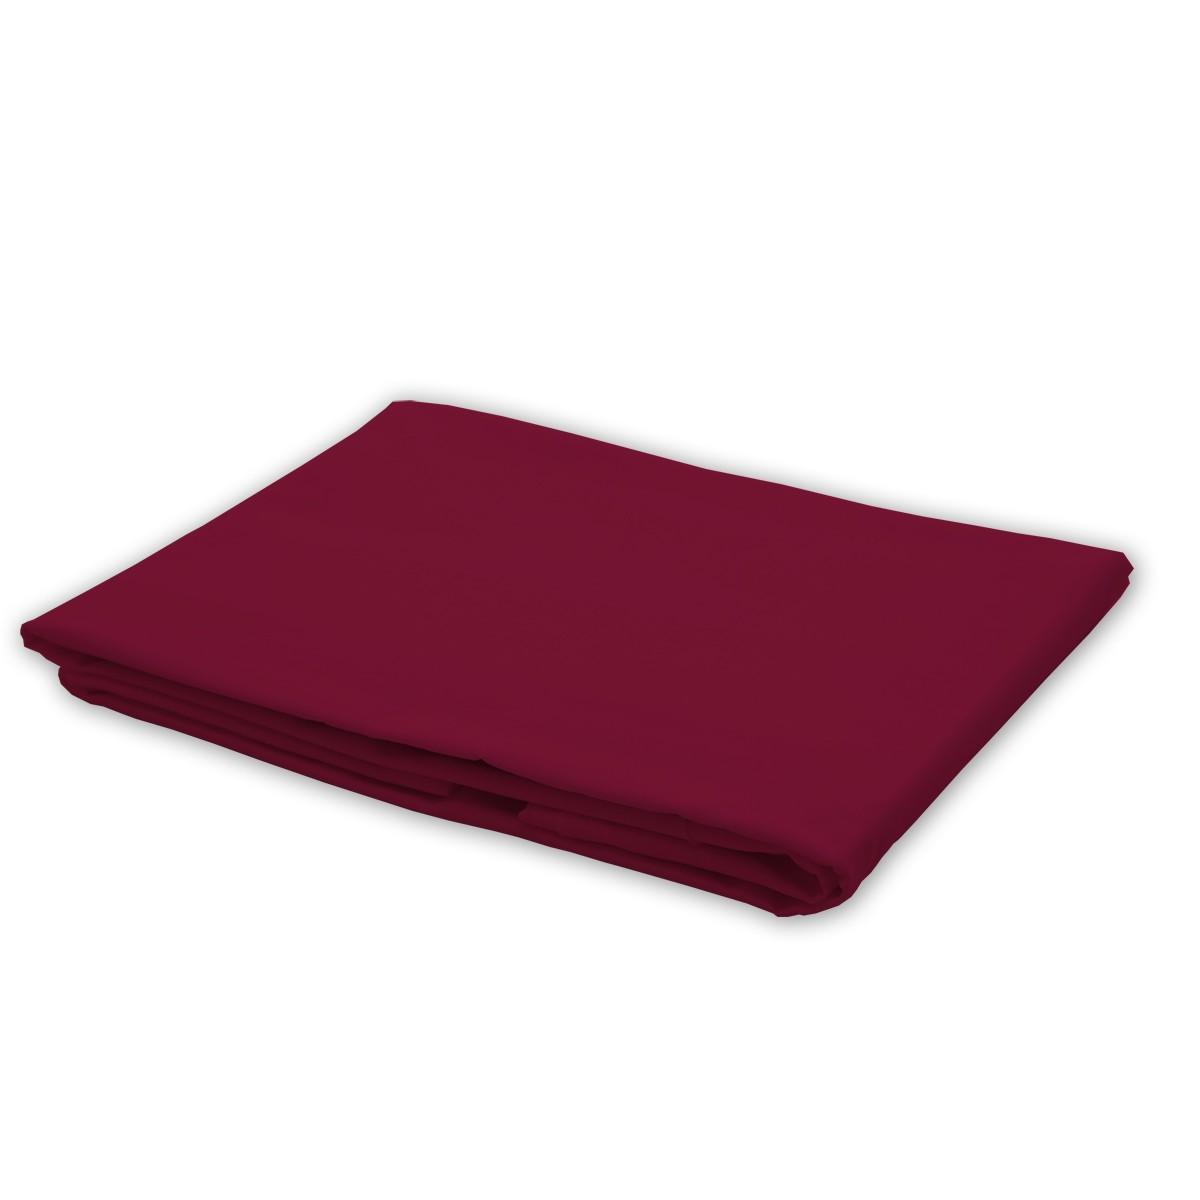 Linge De Maison Bordeaux bordeaux rouge - drap / 100% coton linge de lit - soulbedroom eurl